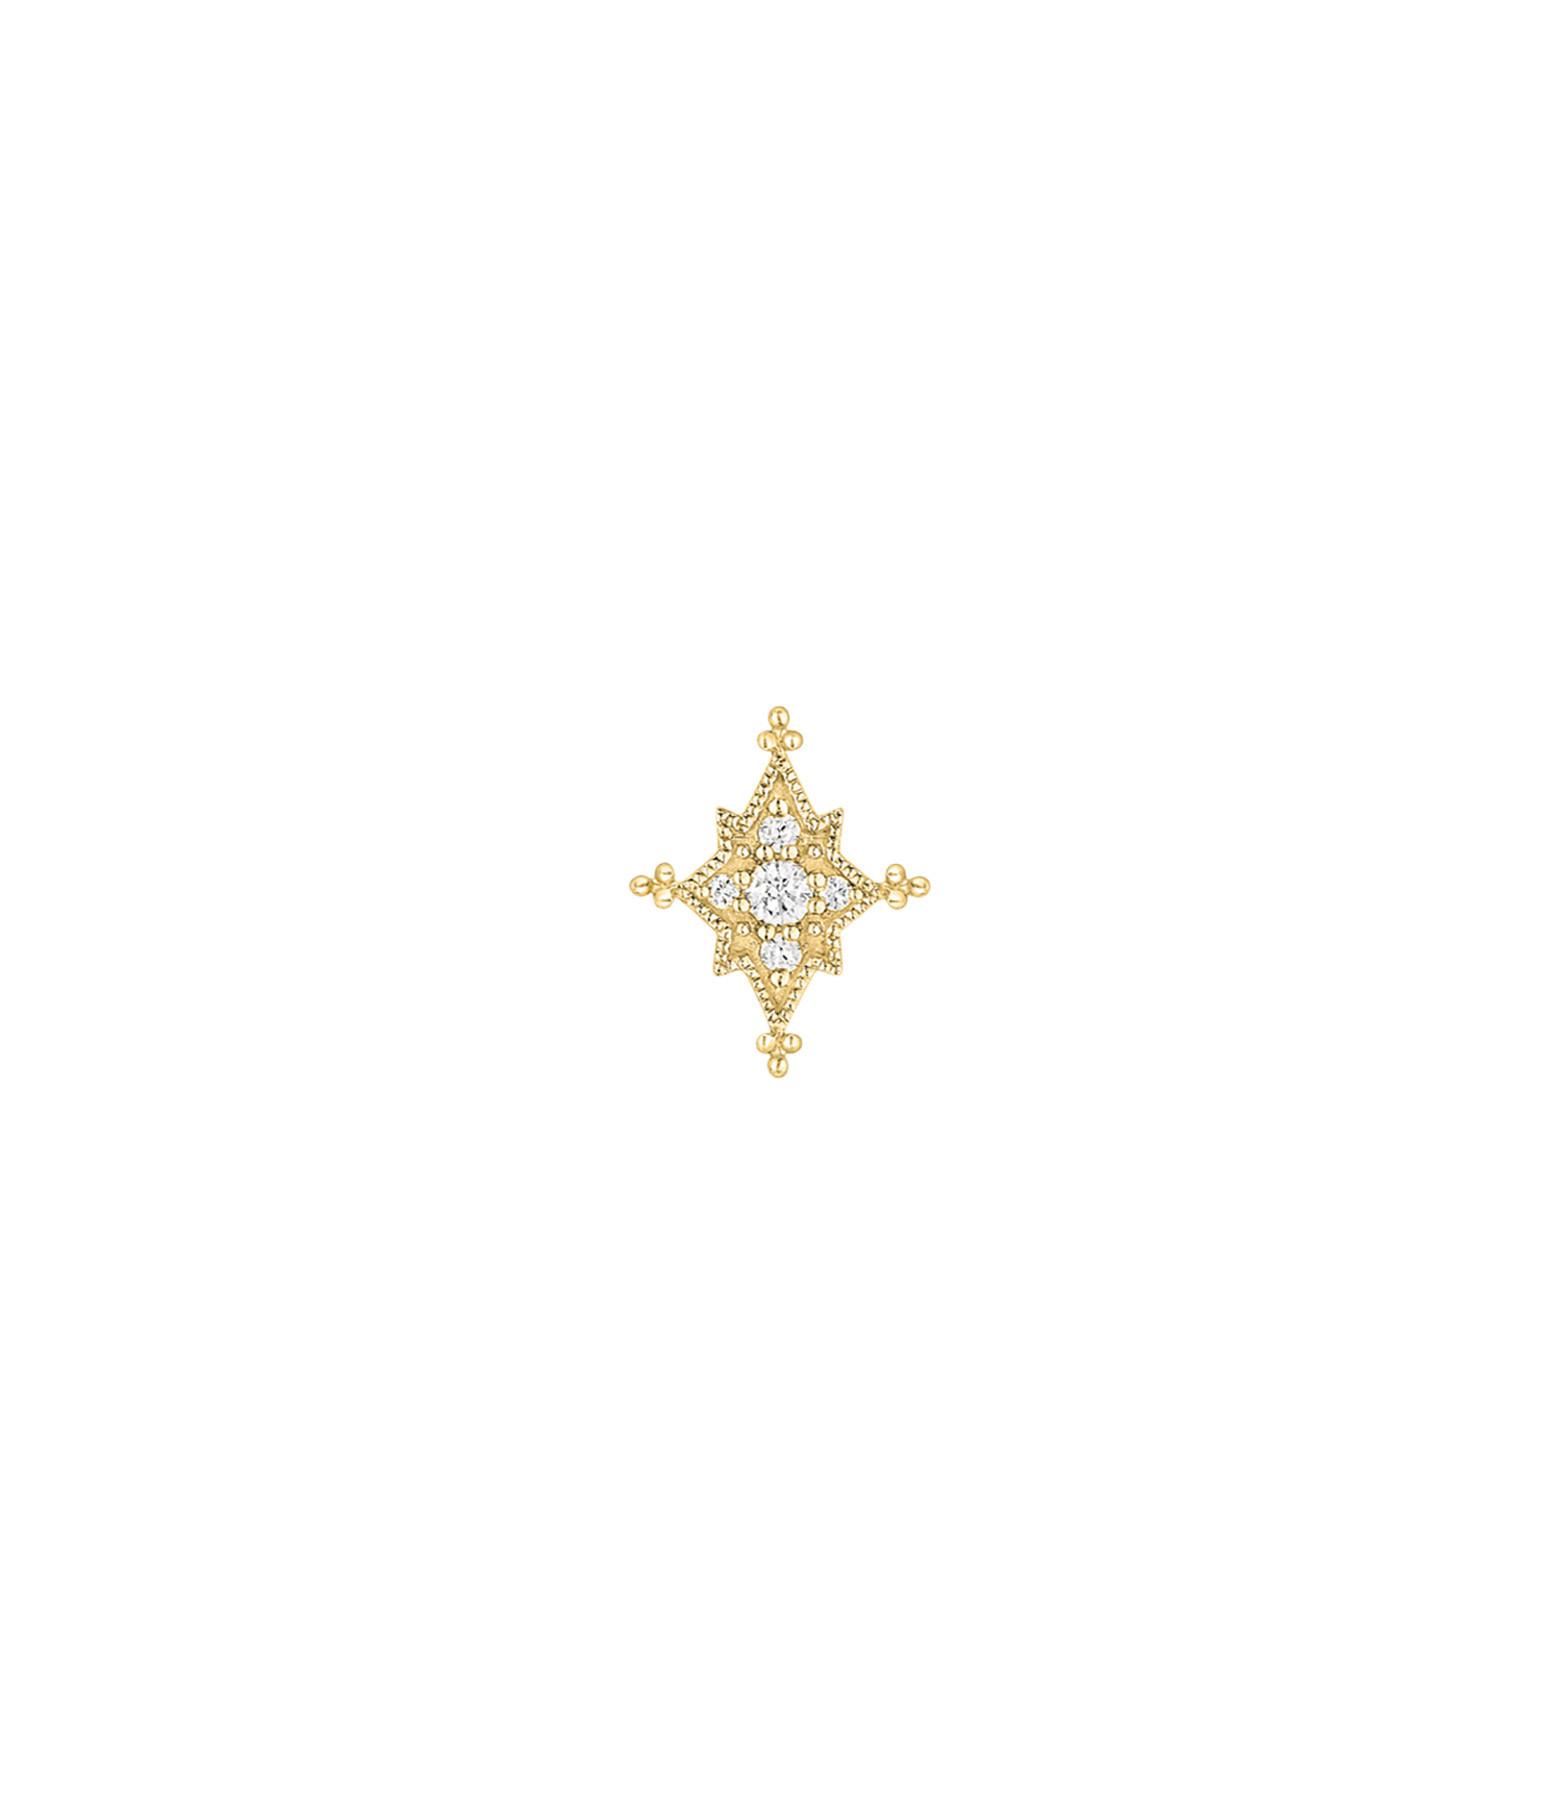 STONE PARIS - Boucle d'oreille Bouton Stella Diamants Or Jaune